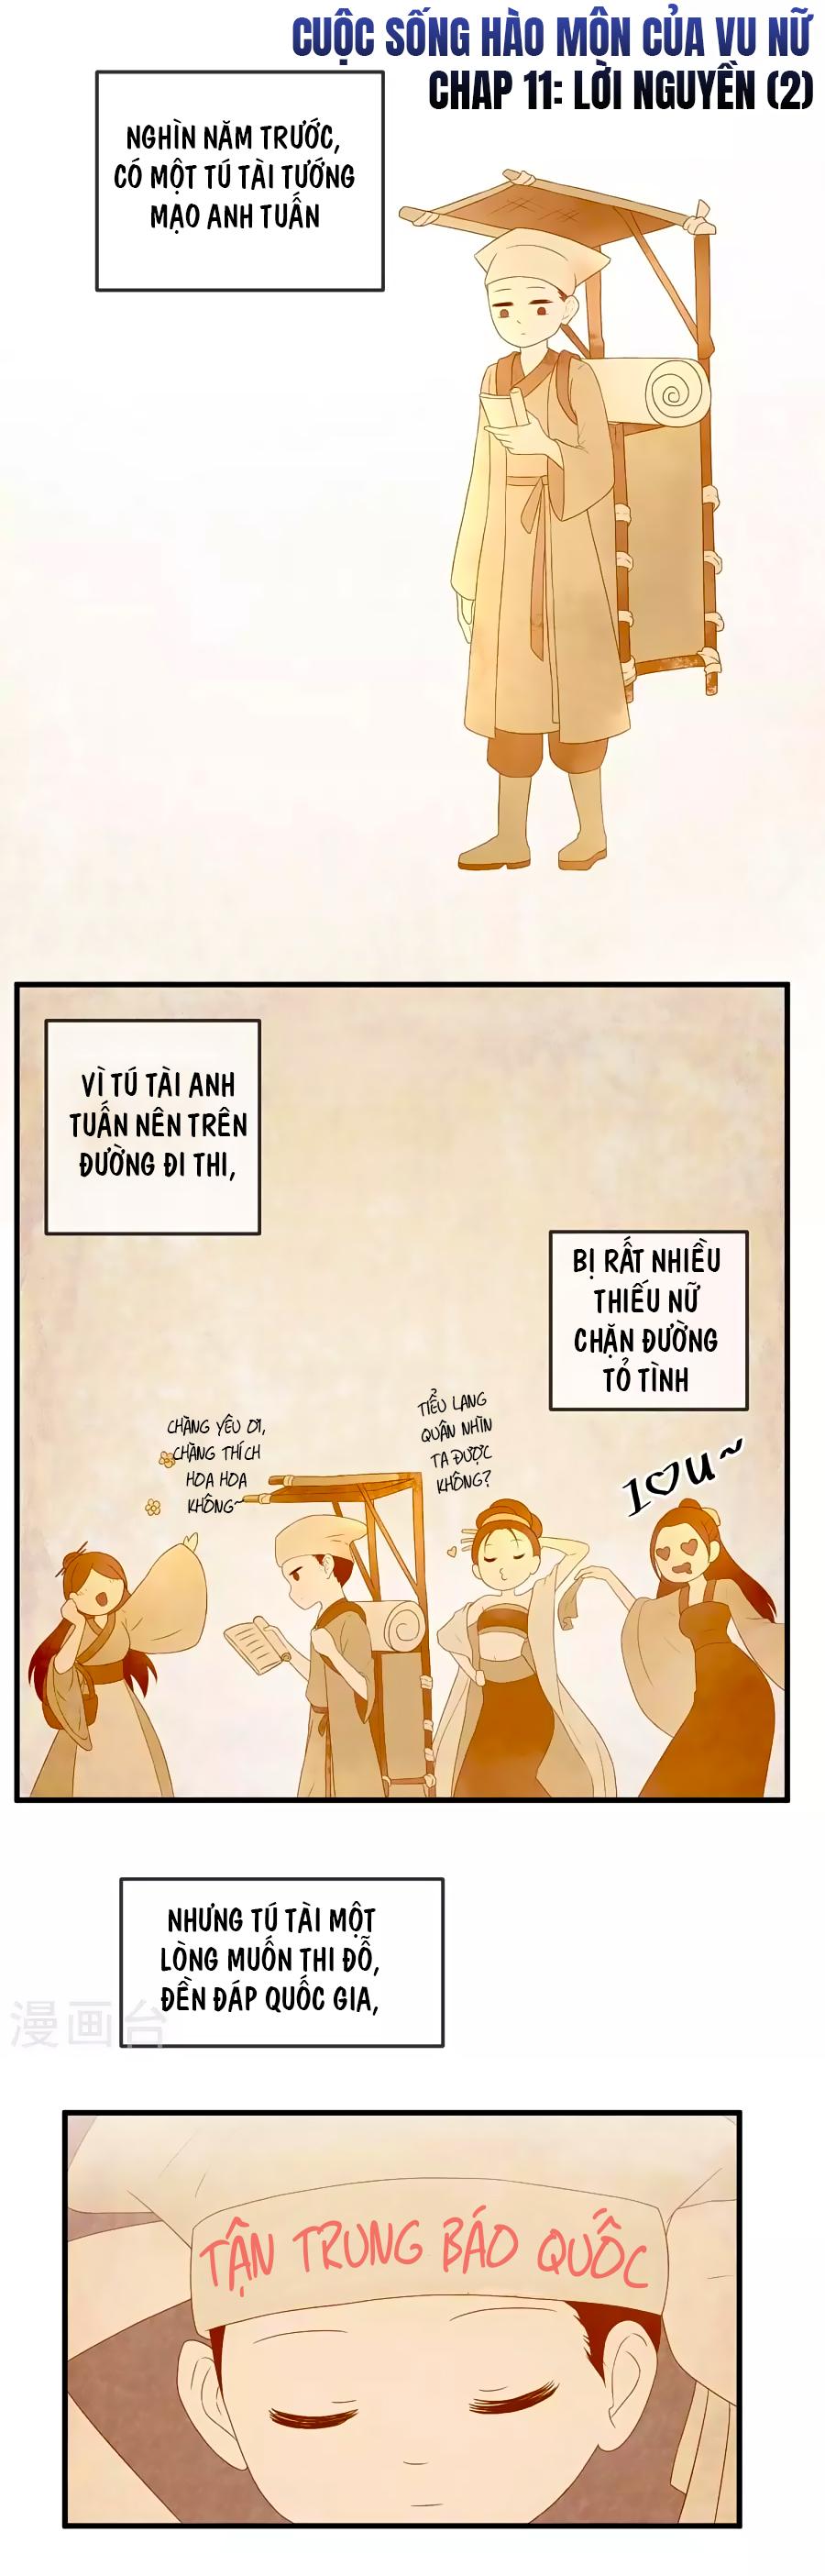 Cuộc Sống Hào Môn Của Vu Nữ - Chap 11